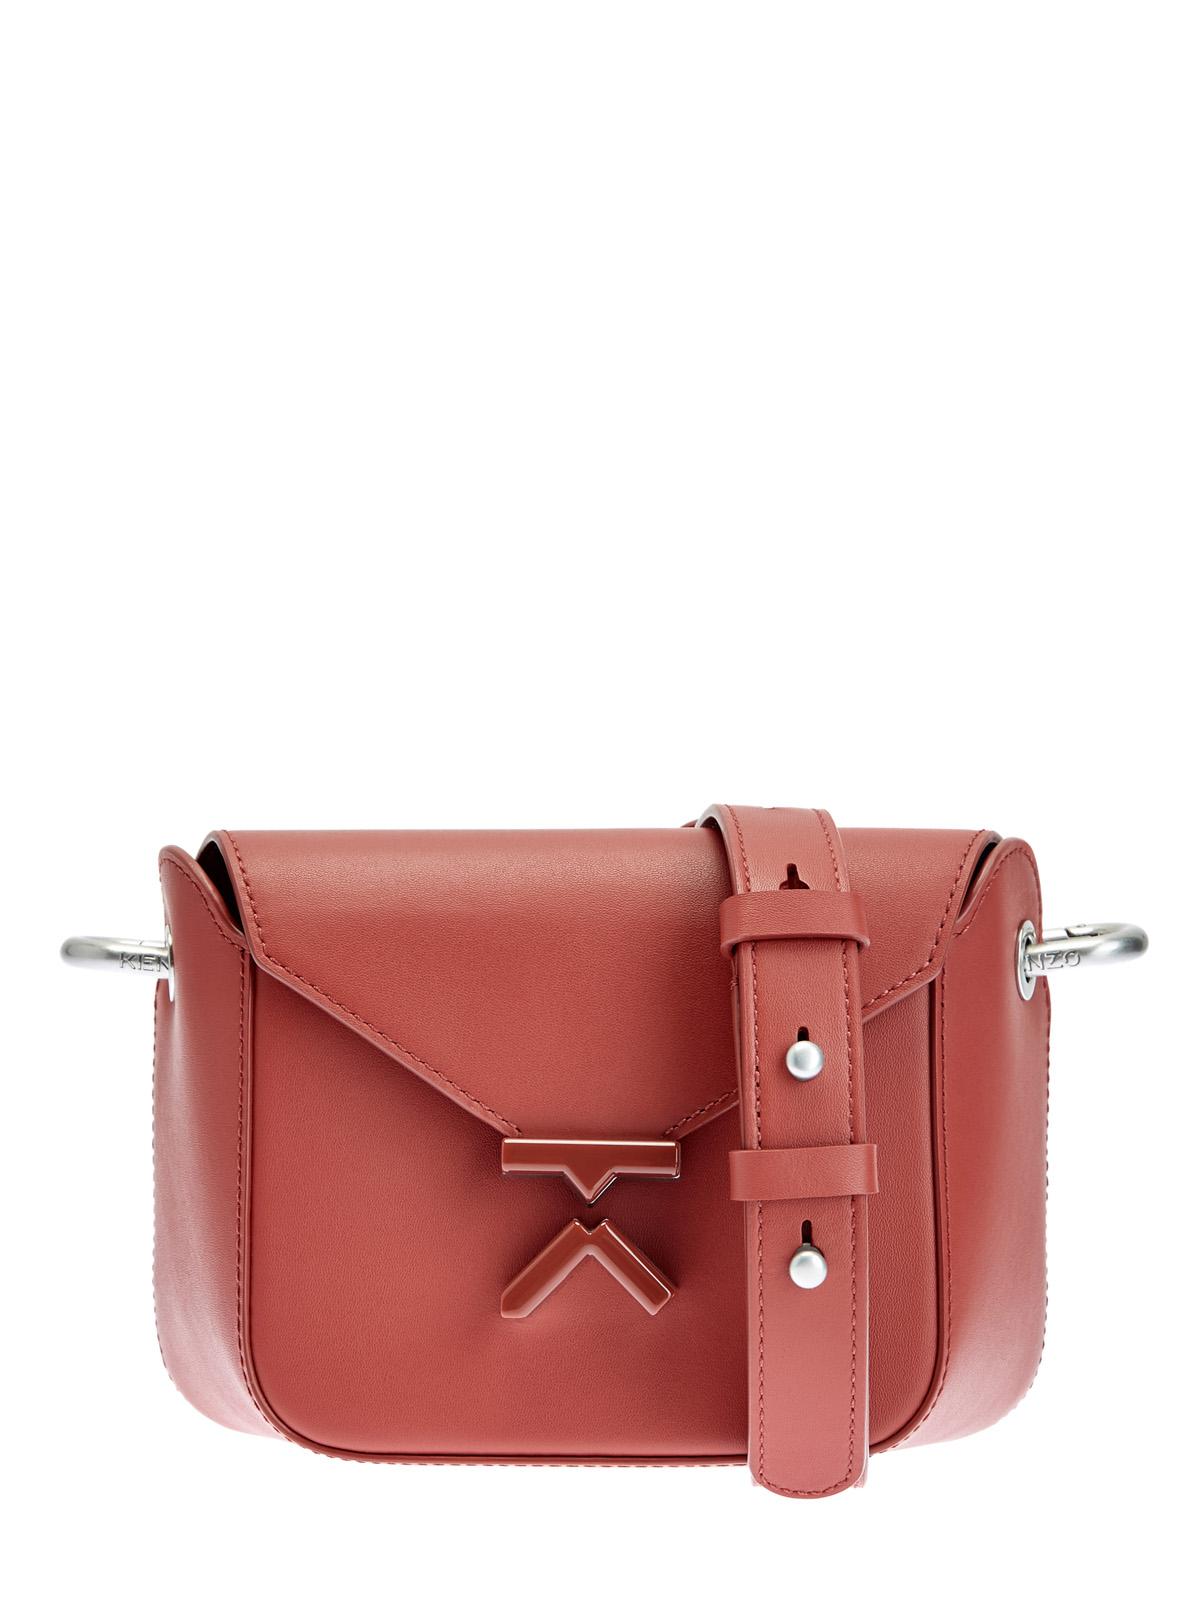 Миниатюрная сумка Tali из гладкой матовой кожи